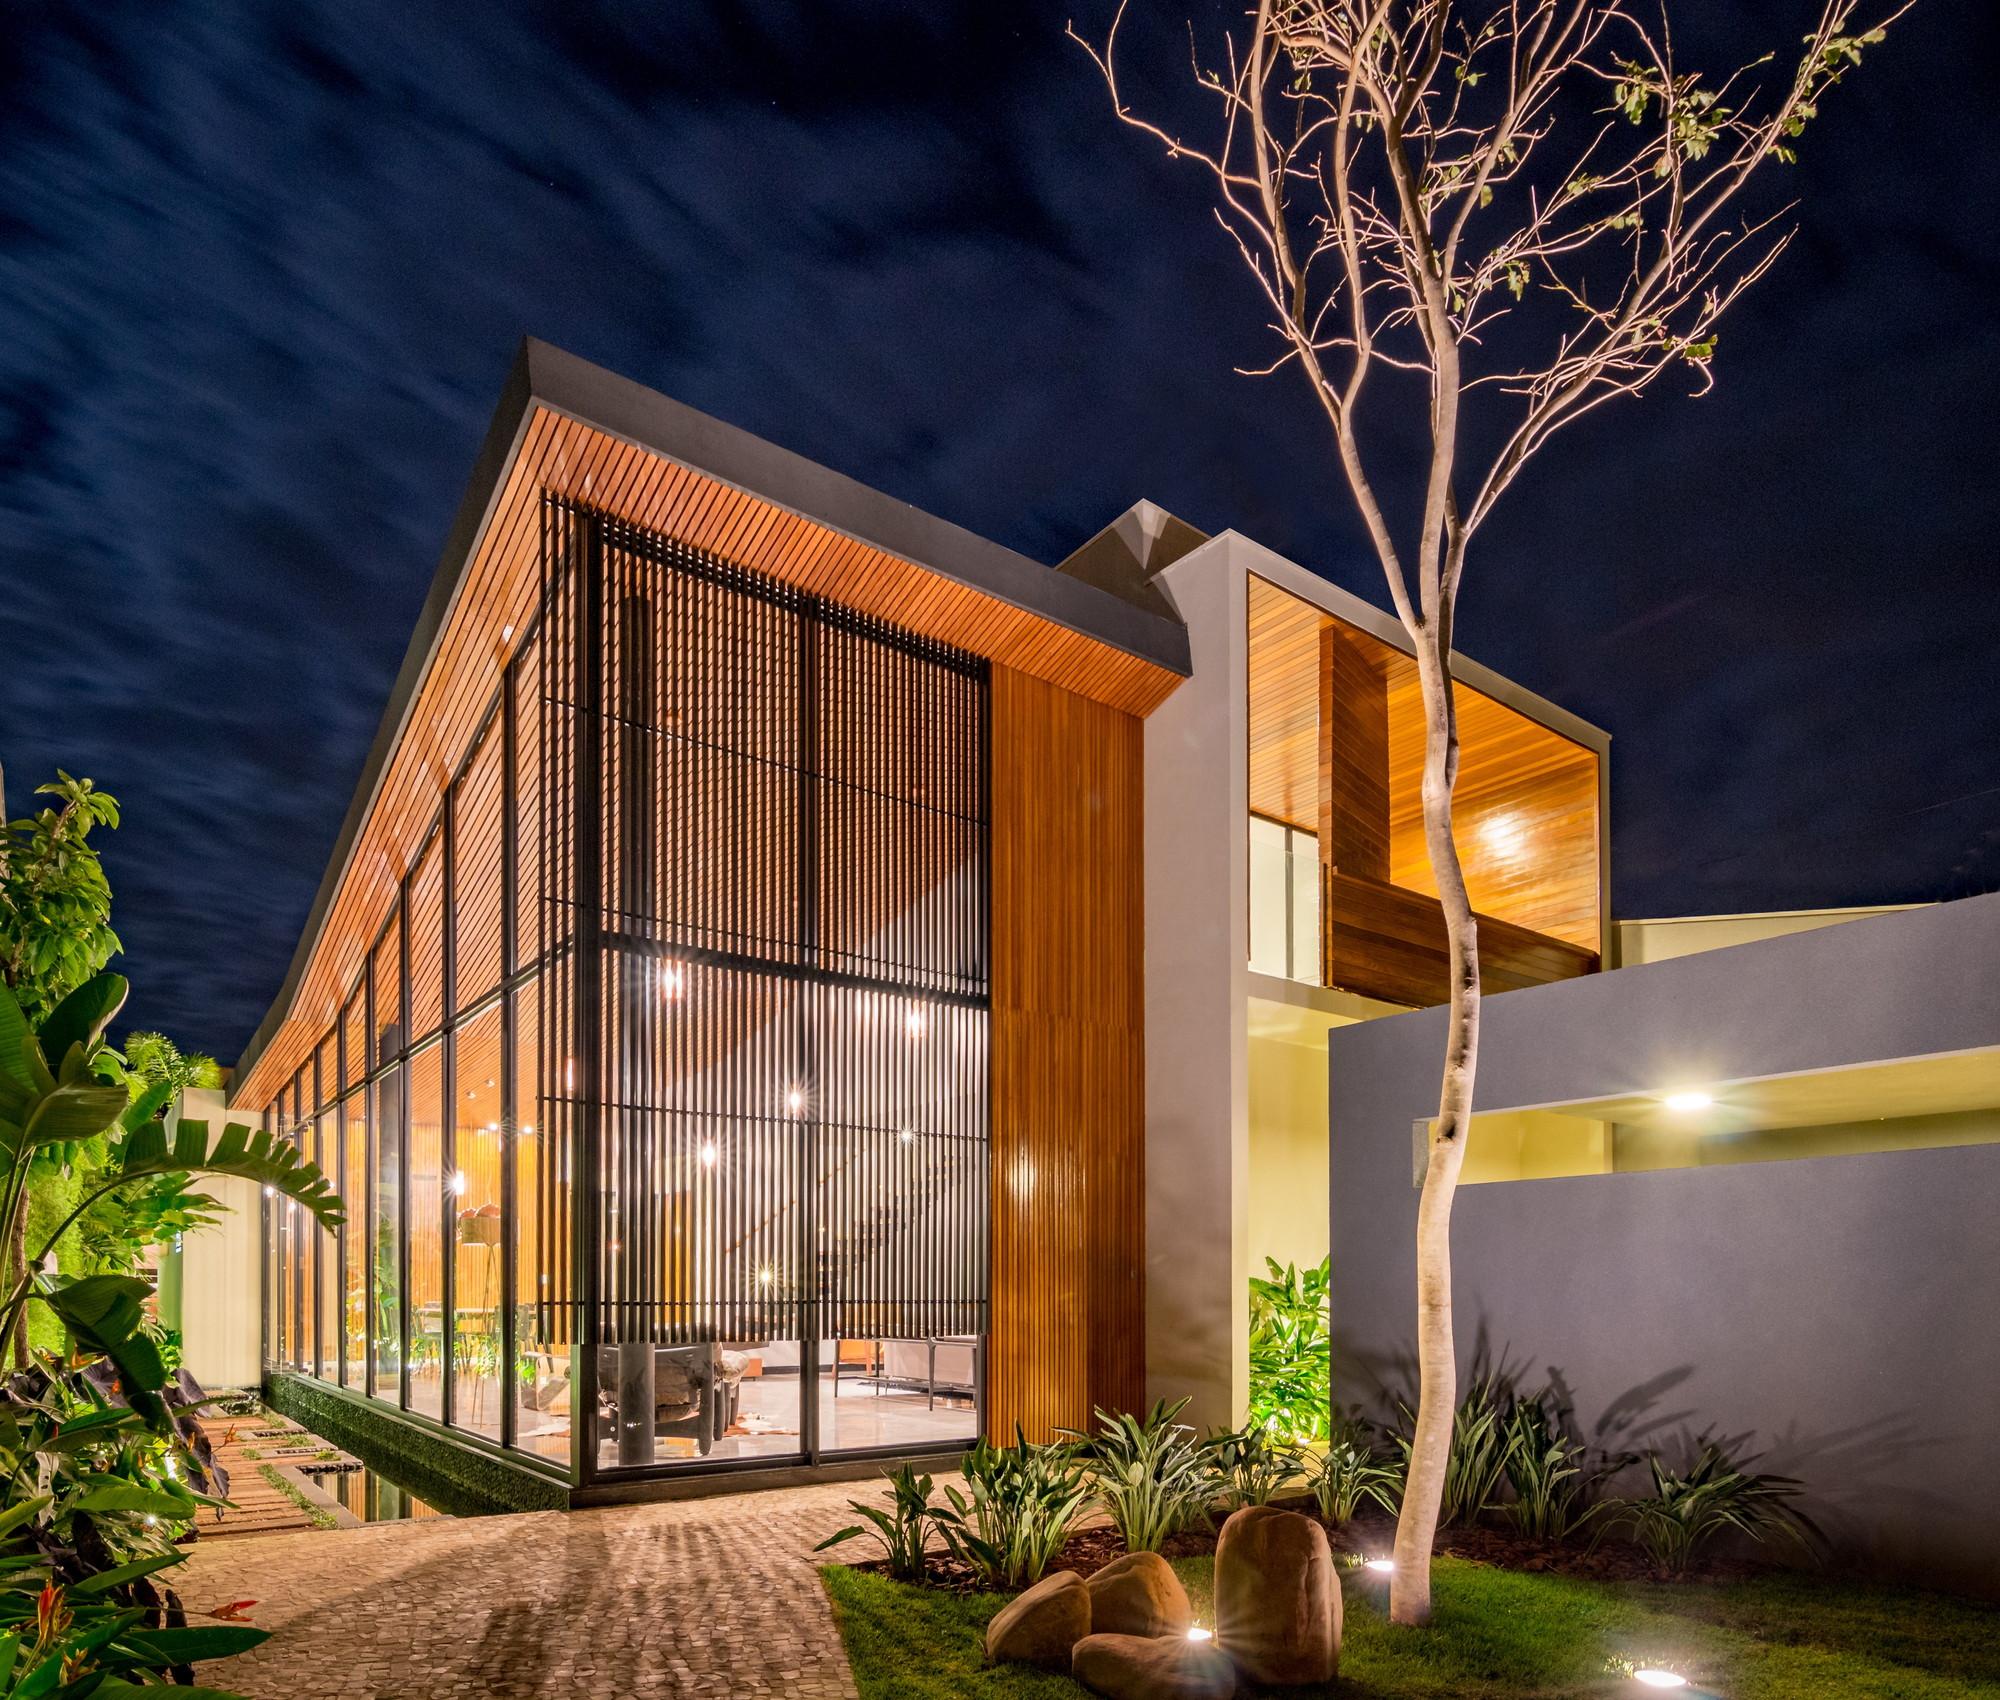 Galeria de casa granada est dio haa 4 for Casas modernas granada